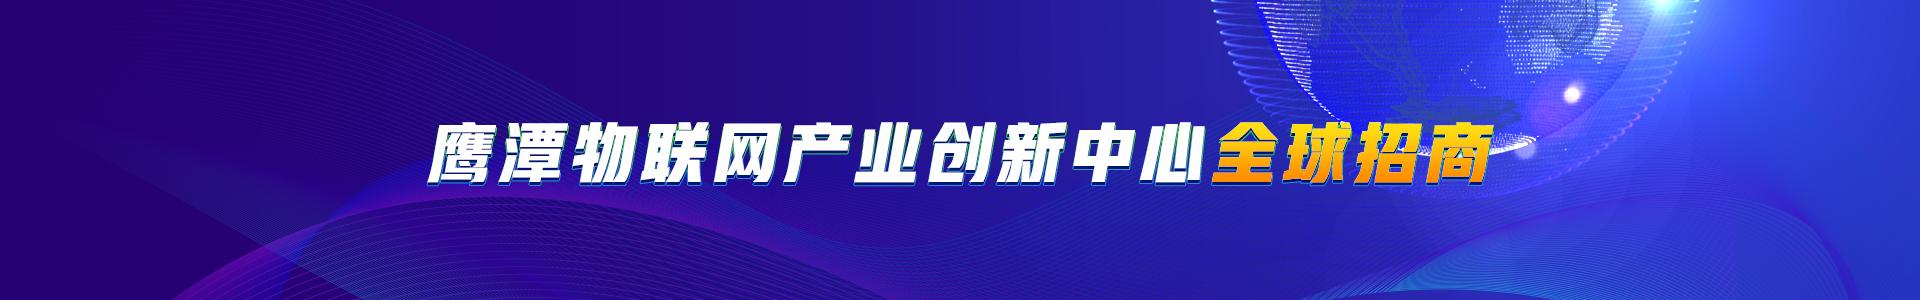 鹰潭物联网产业创新中心全球招商